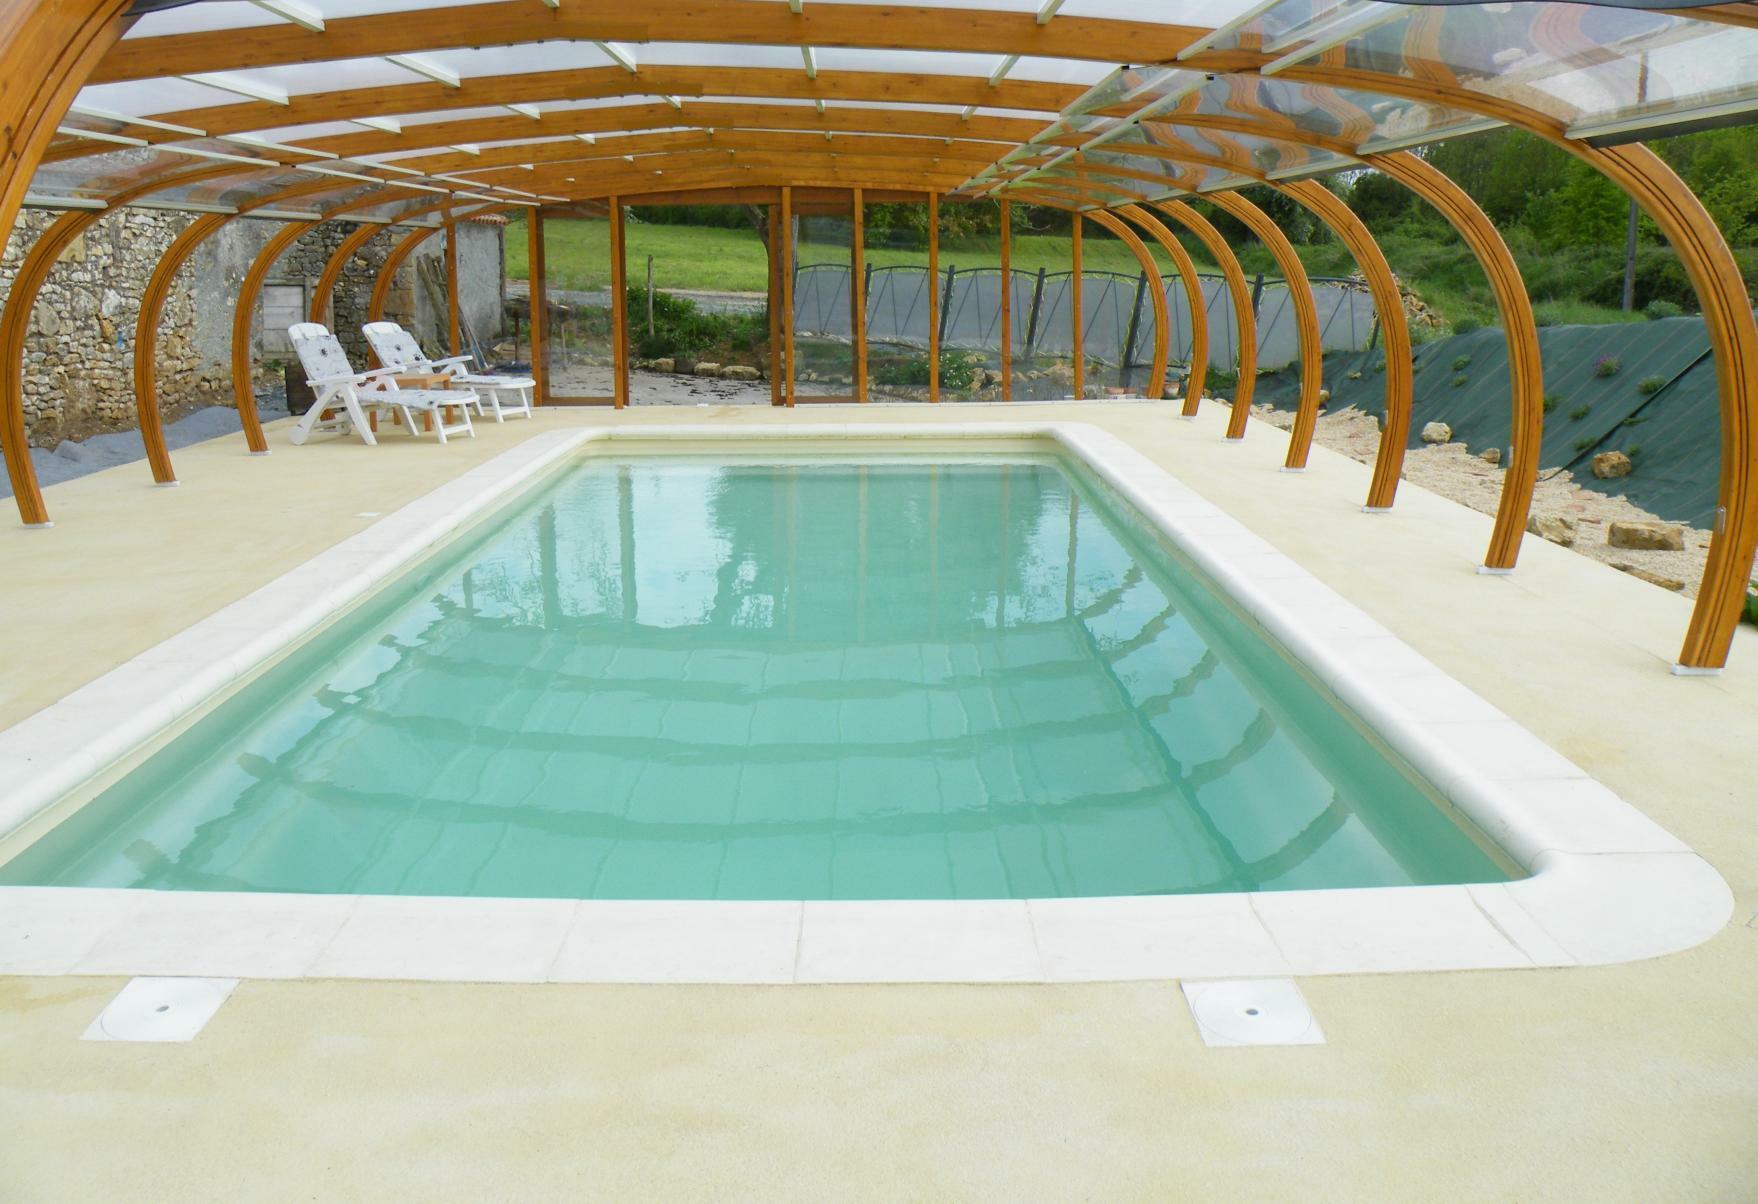 Gite n 1 en vend e avec piscine couverte puy du for Camping puy du fou avec piscine couverte